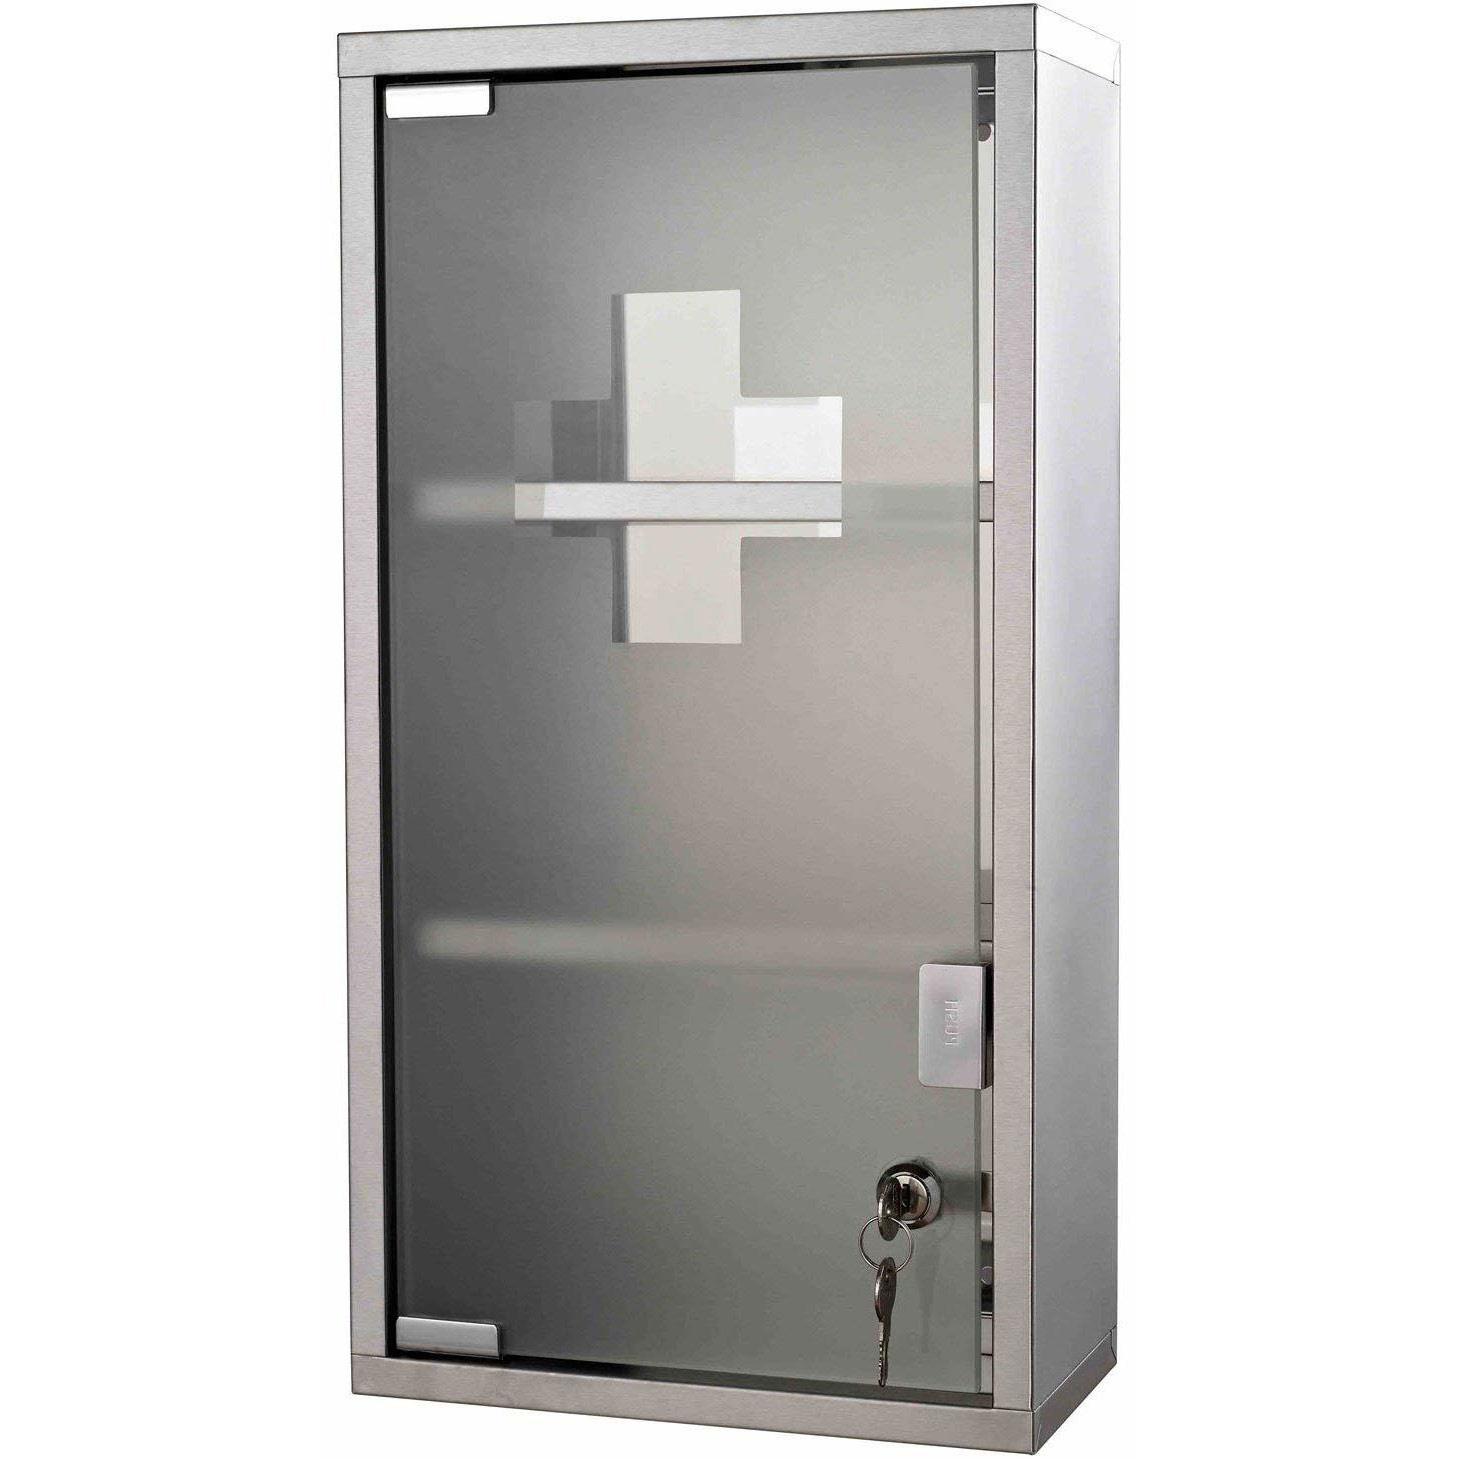 HOMCOM Medicijnkastje wandkastje roestvrij staal met 2 legplanken + glazen veiligheidsdeur afsluitbaar 48 cm